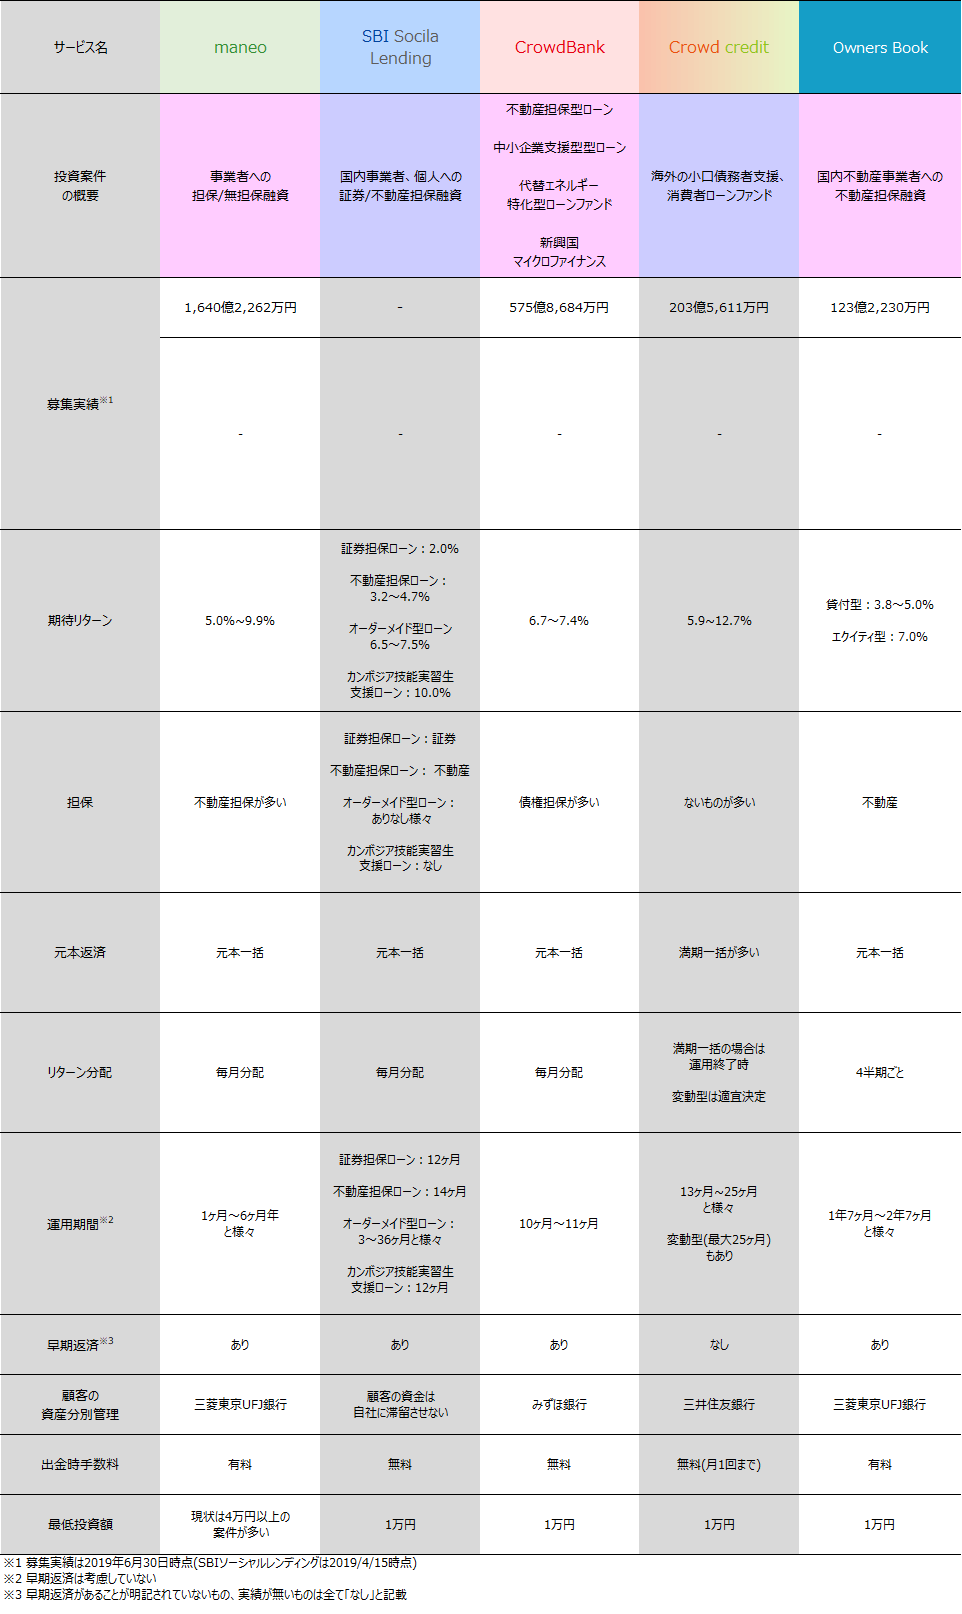 11_ソーシャルレンディング会社案件比較2019年6月